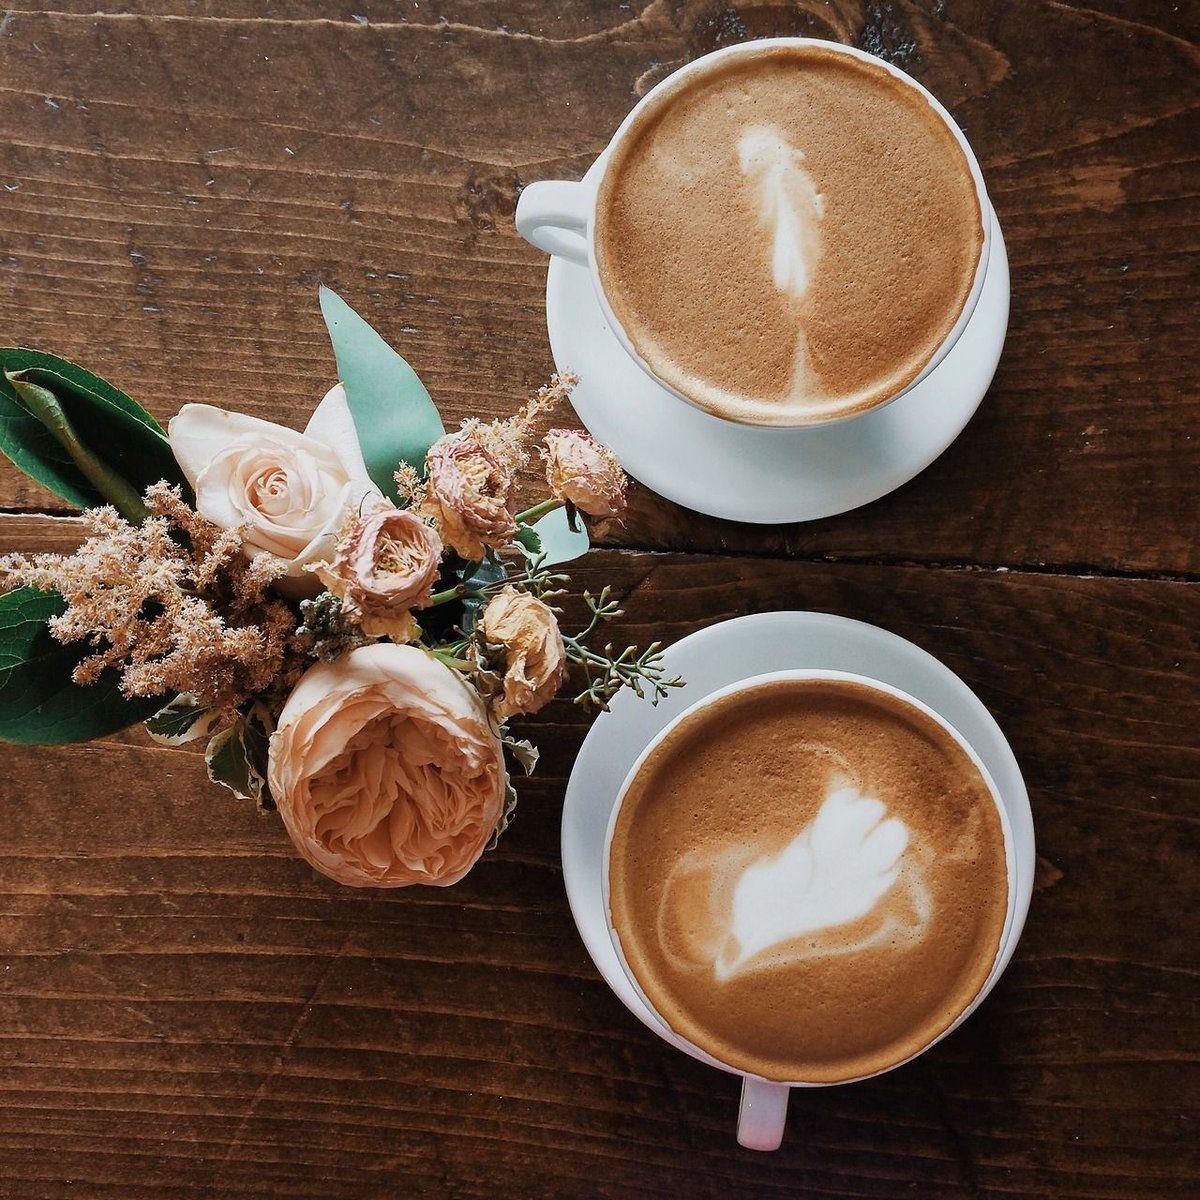 понравятся такие красивые картинки кофе на двоих территории